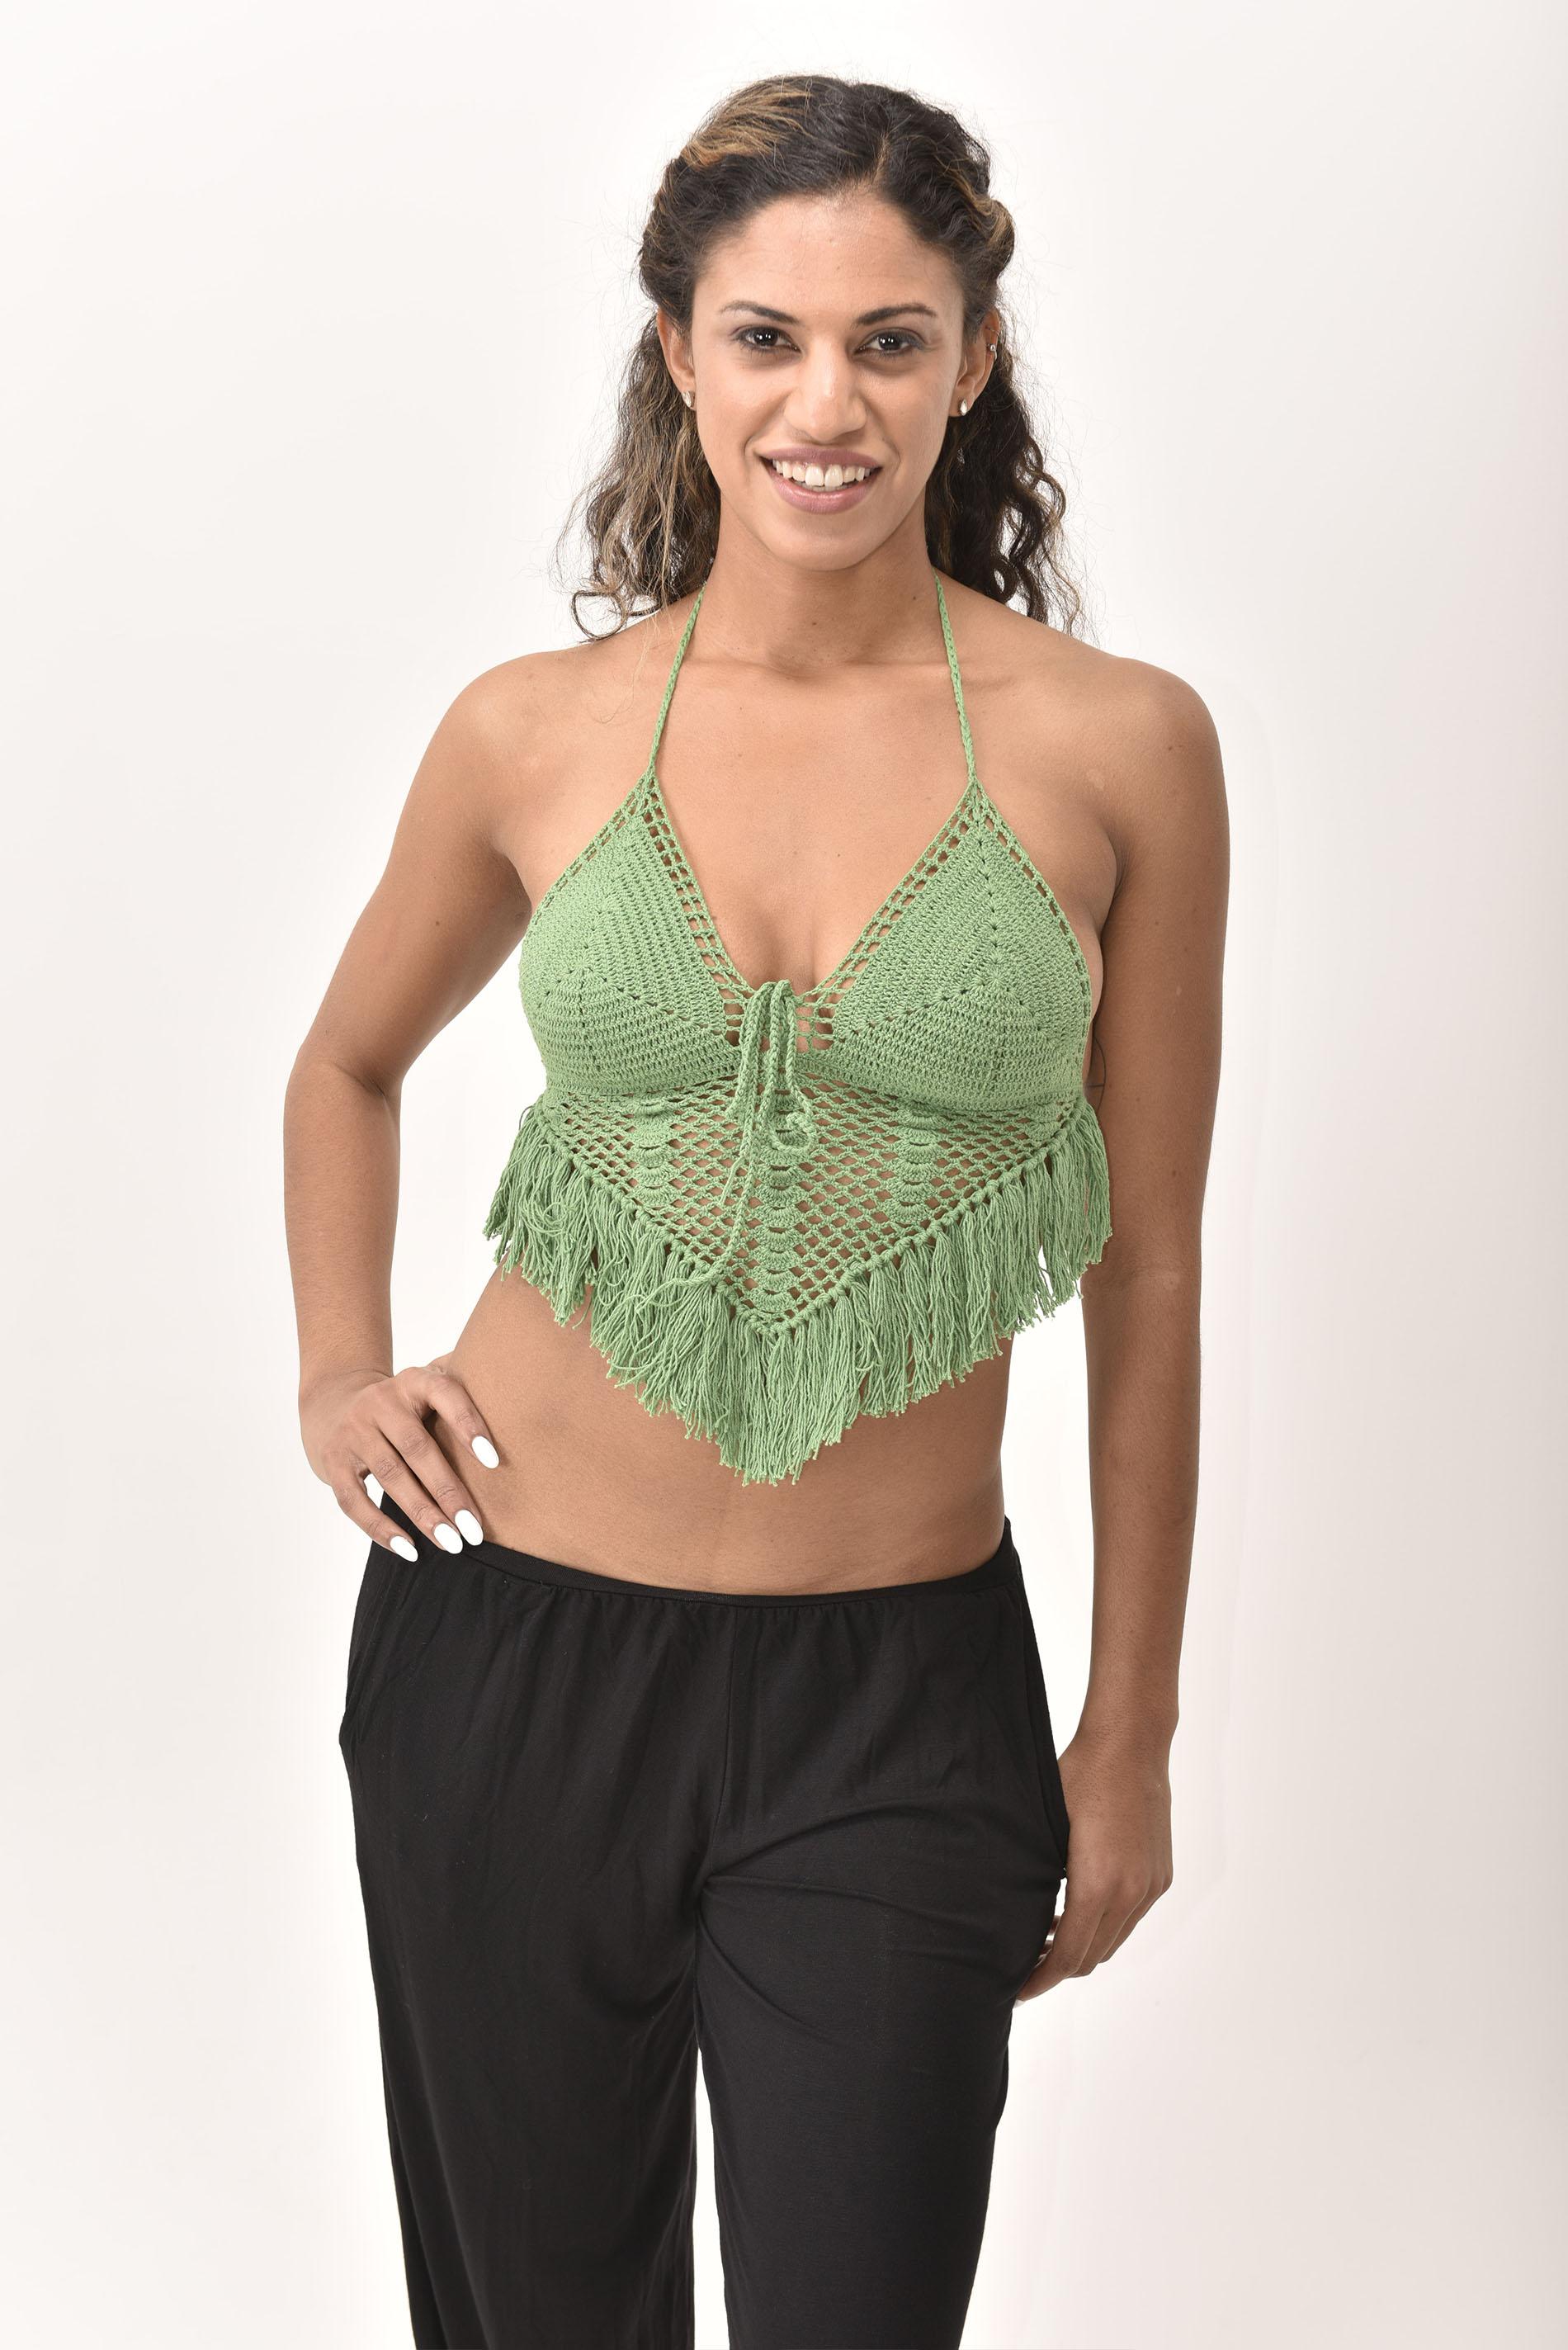 Crochet Top, Green - 4474G